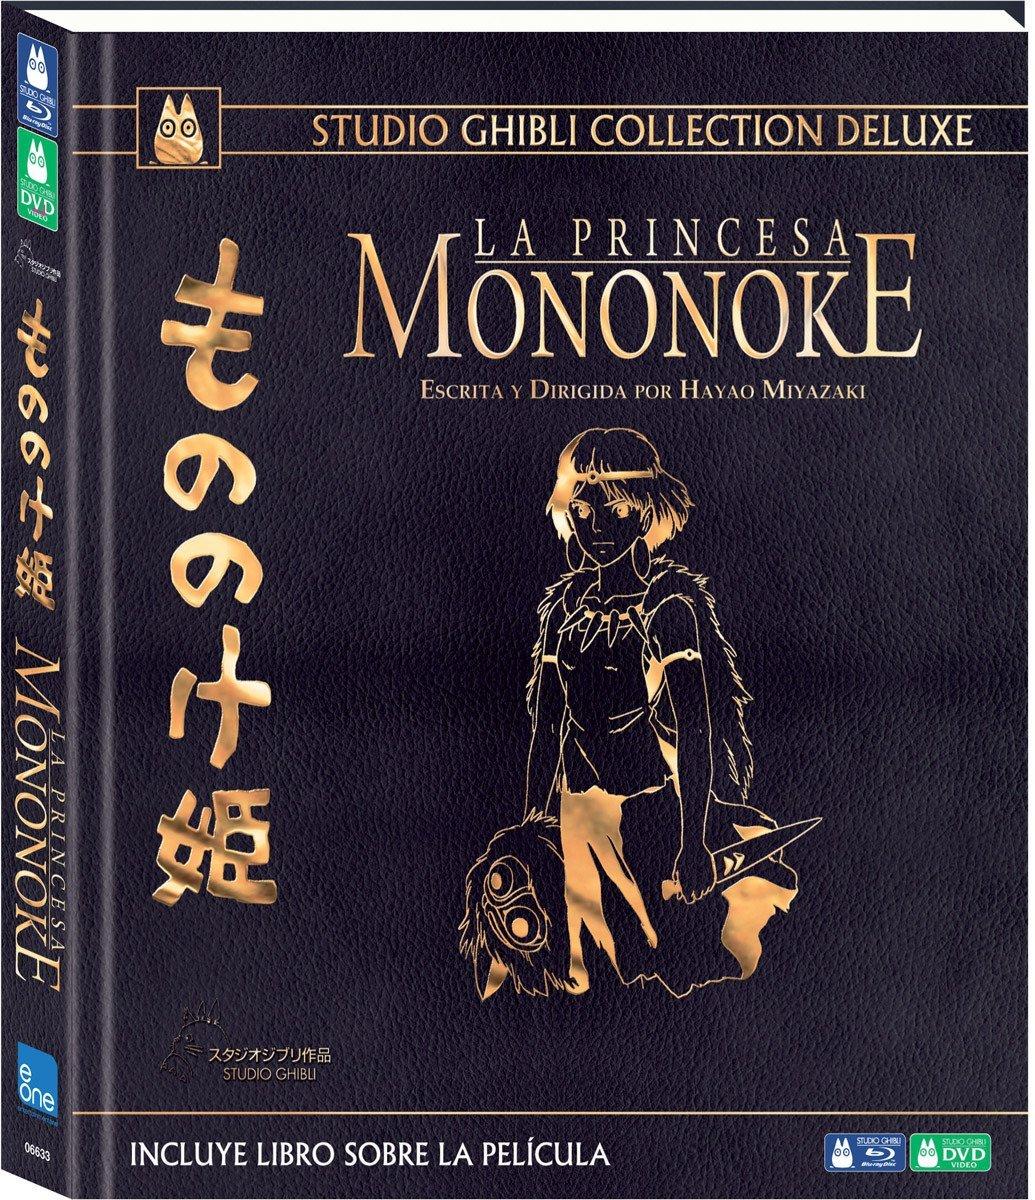 La Princesa Mononoke Deluxe